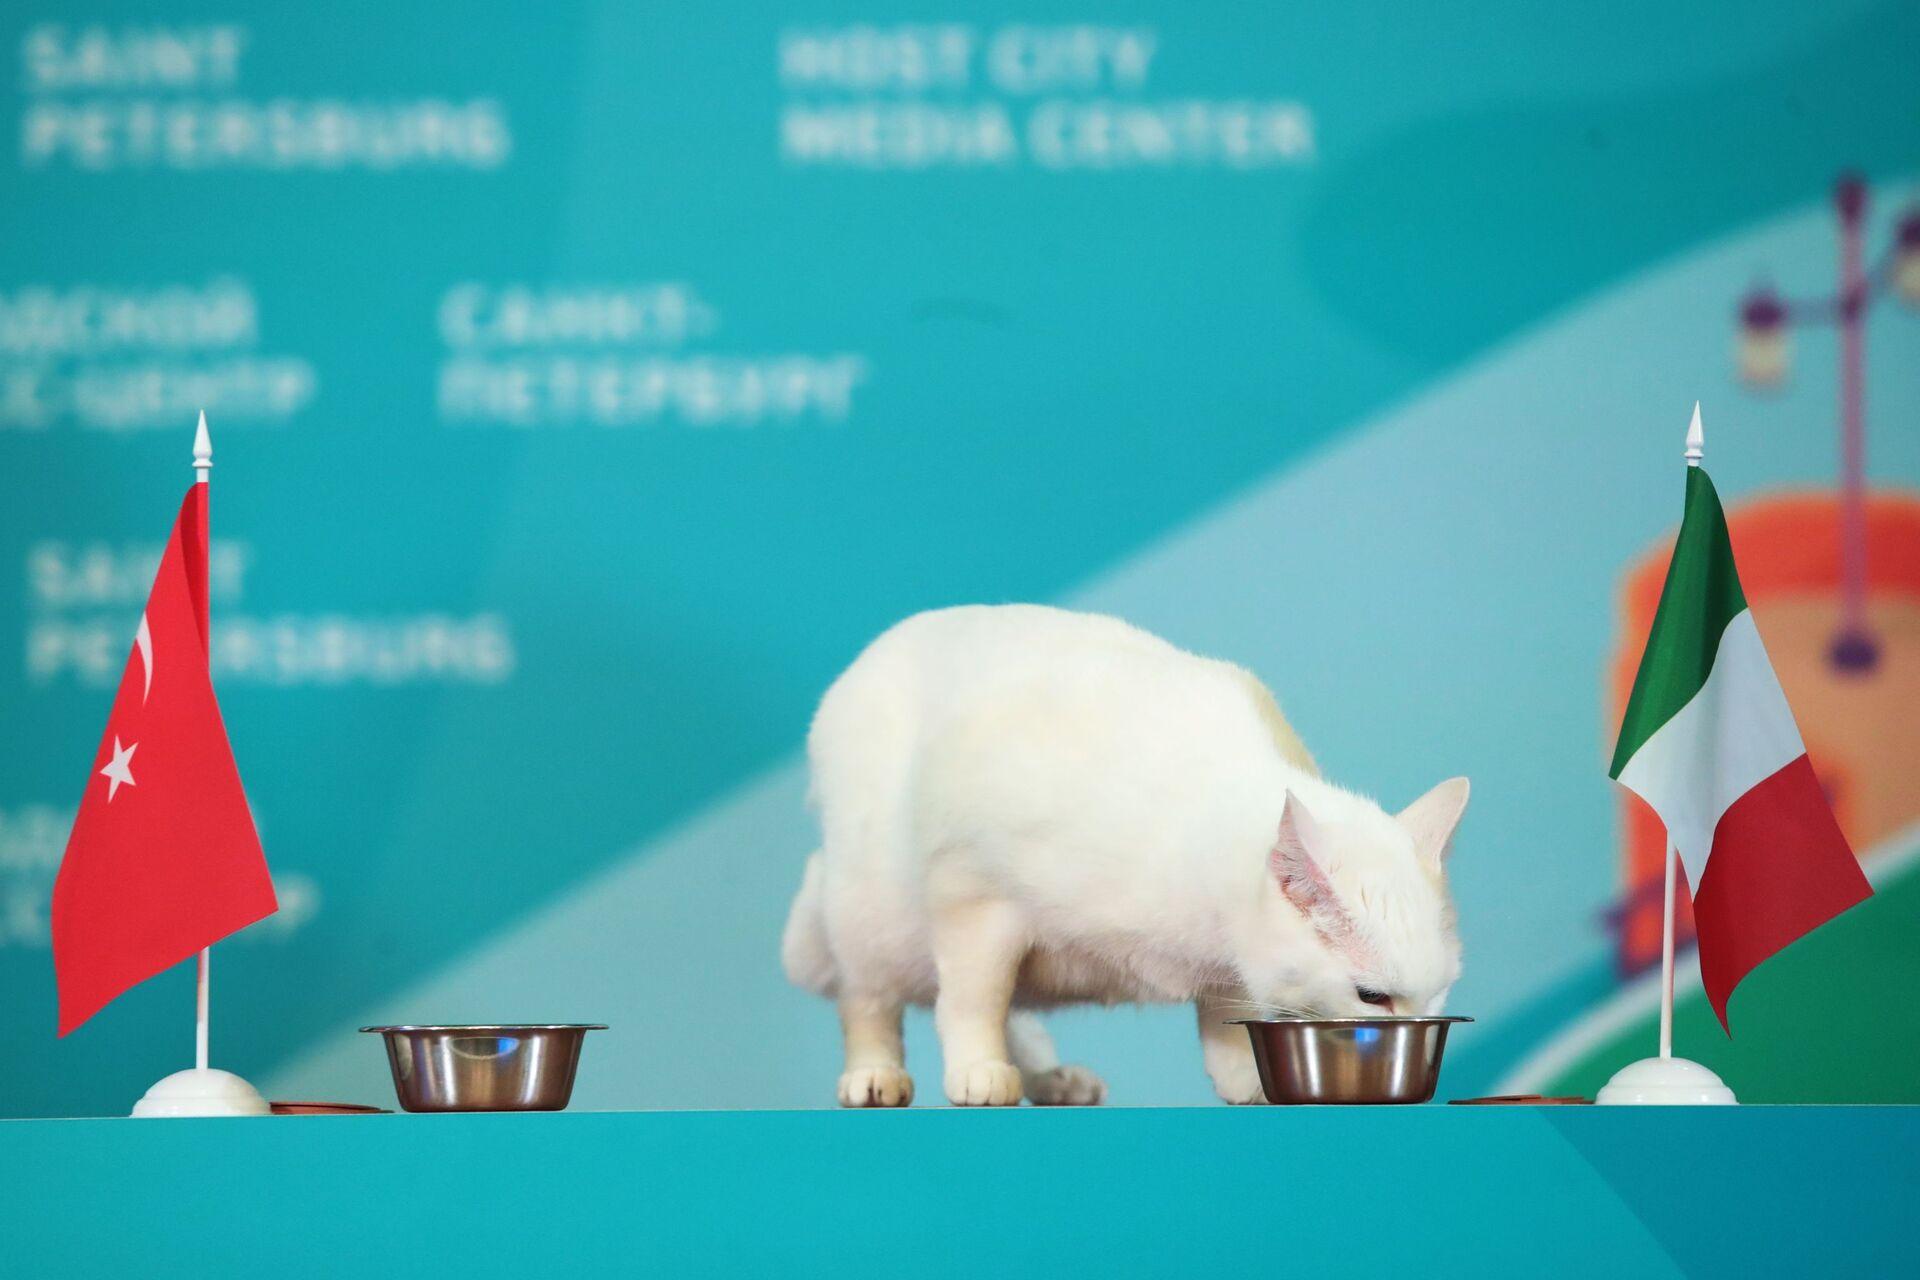 Chú mèo tiên tri Achilles của Bảo tàng Hermitage (Nga) dự đoán chiến thắng của ĐTQG Italia tại EURO - Sputnik Việt Nam, 1920, 05.10.2021